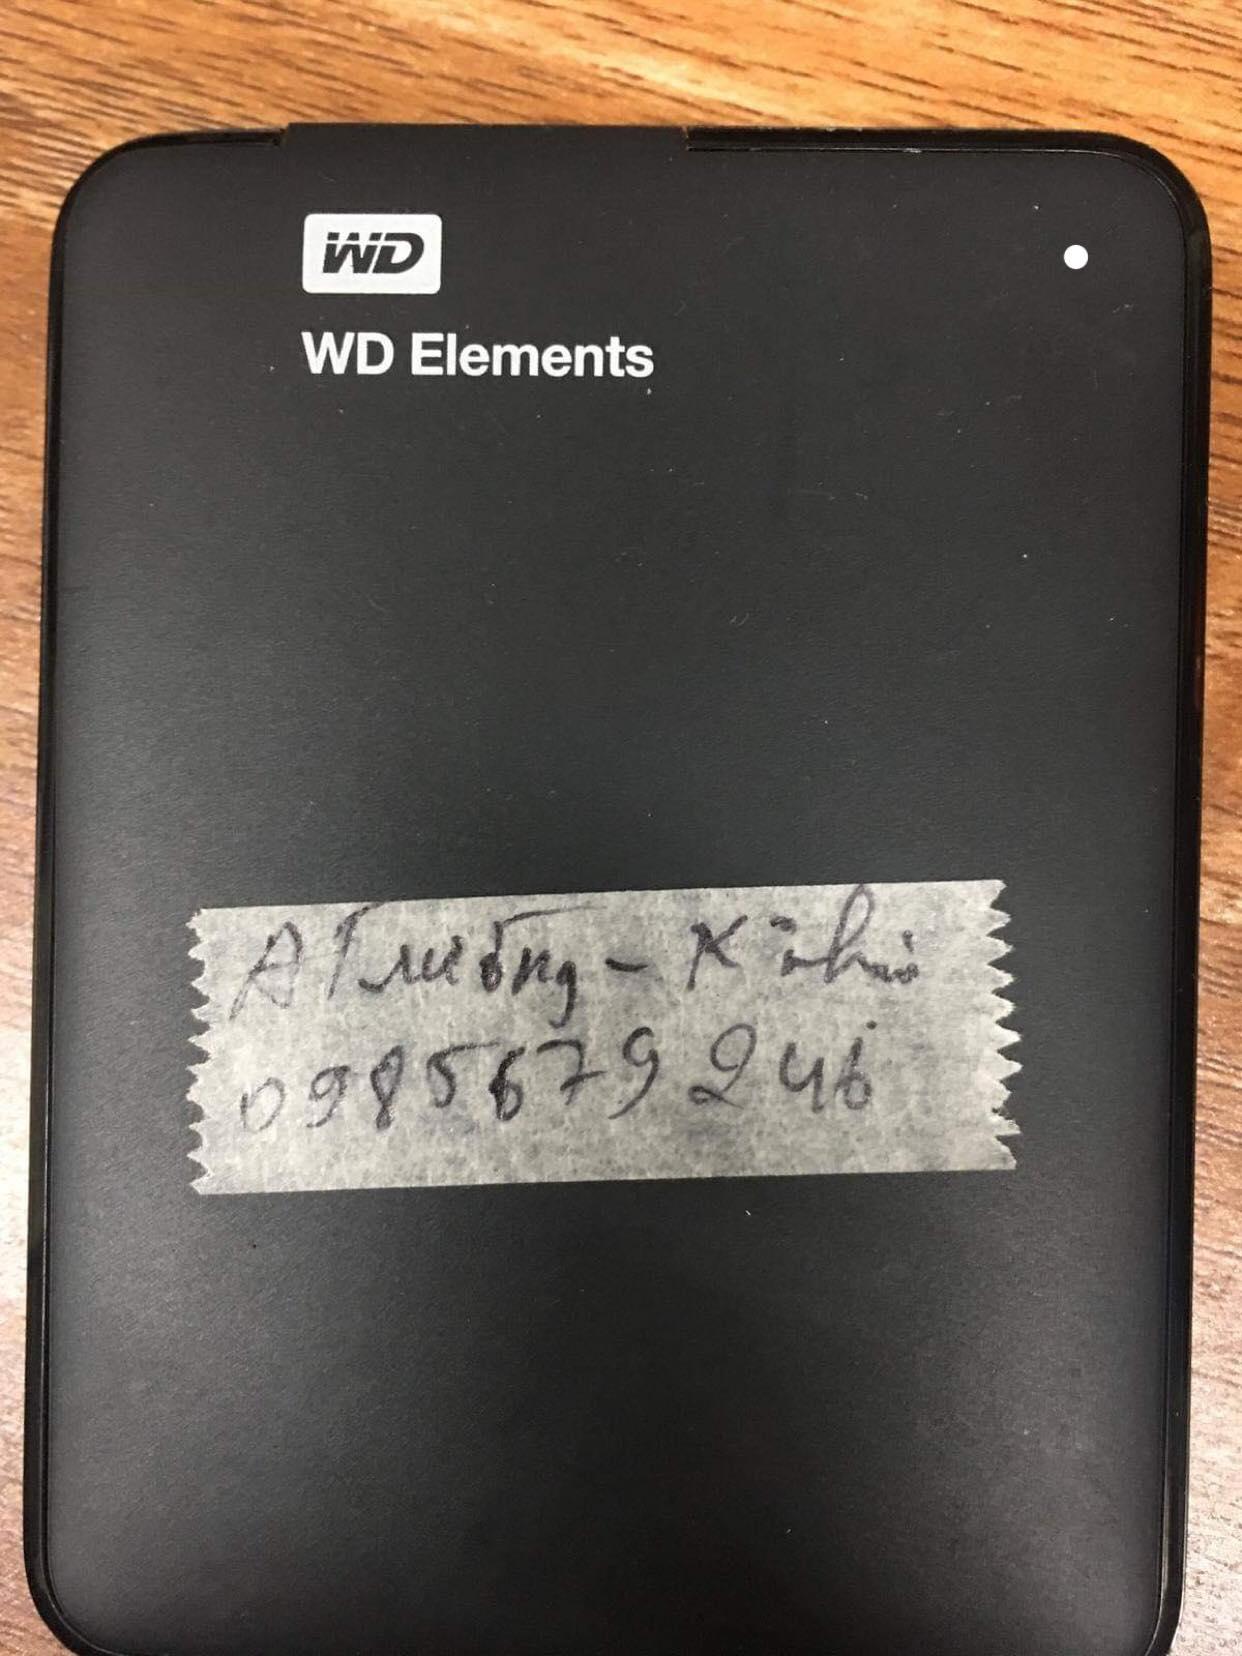 Cứu dữ liệu ổ cứng Western 1TB không nhận 03/01/2019 - cuumaytinh